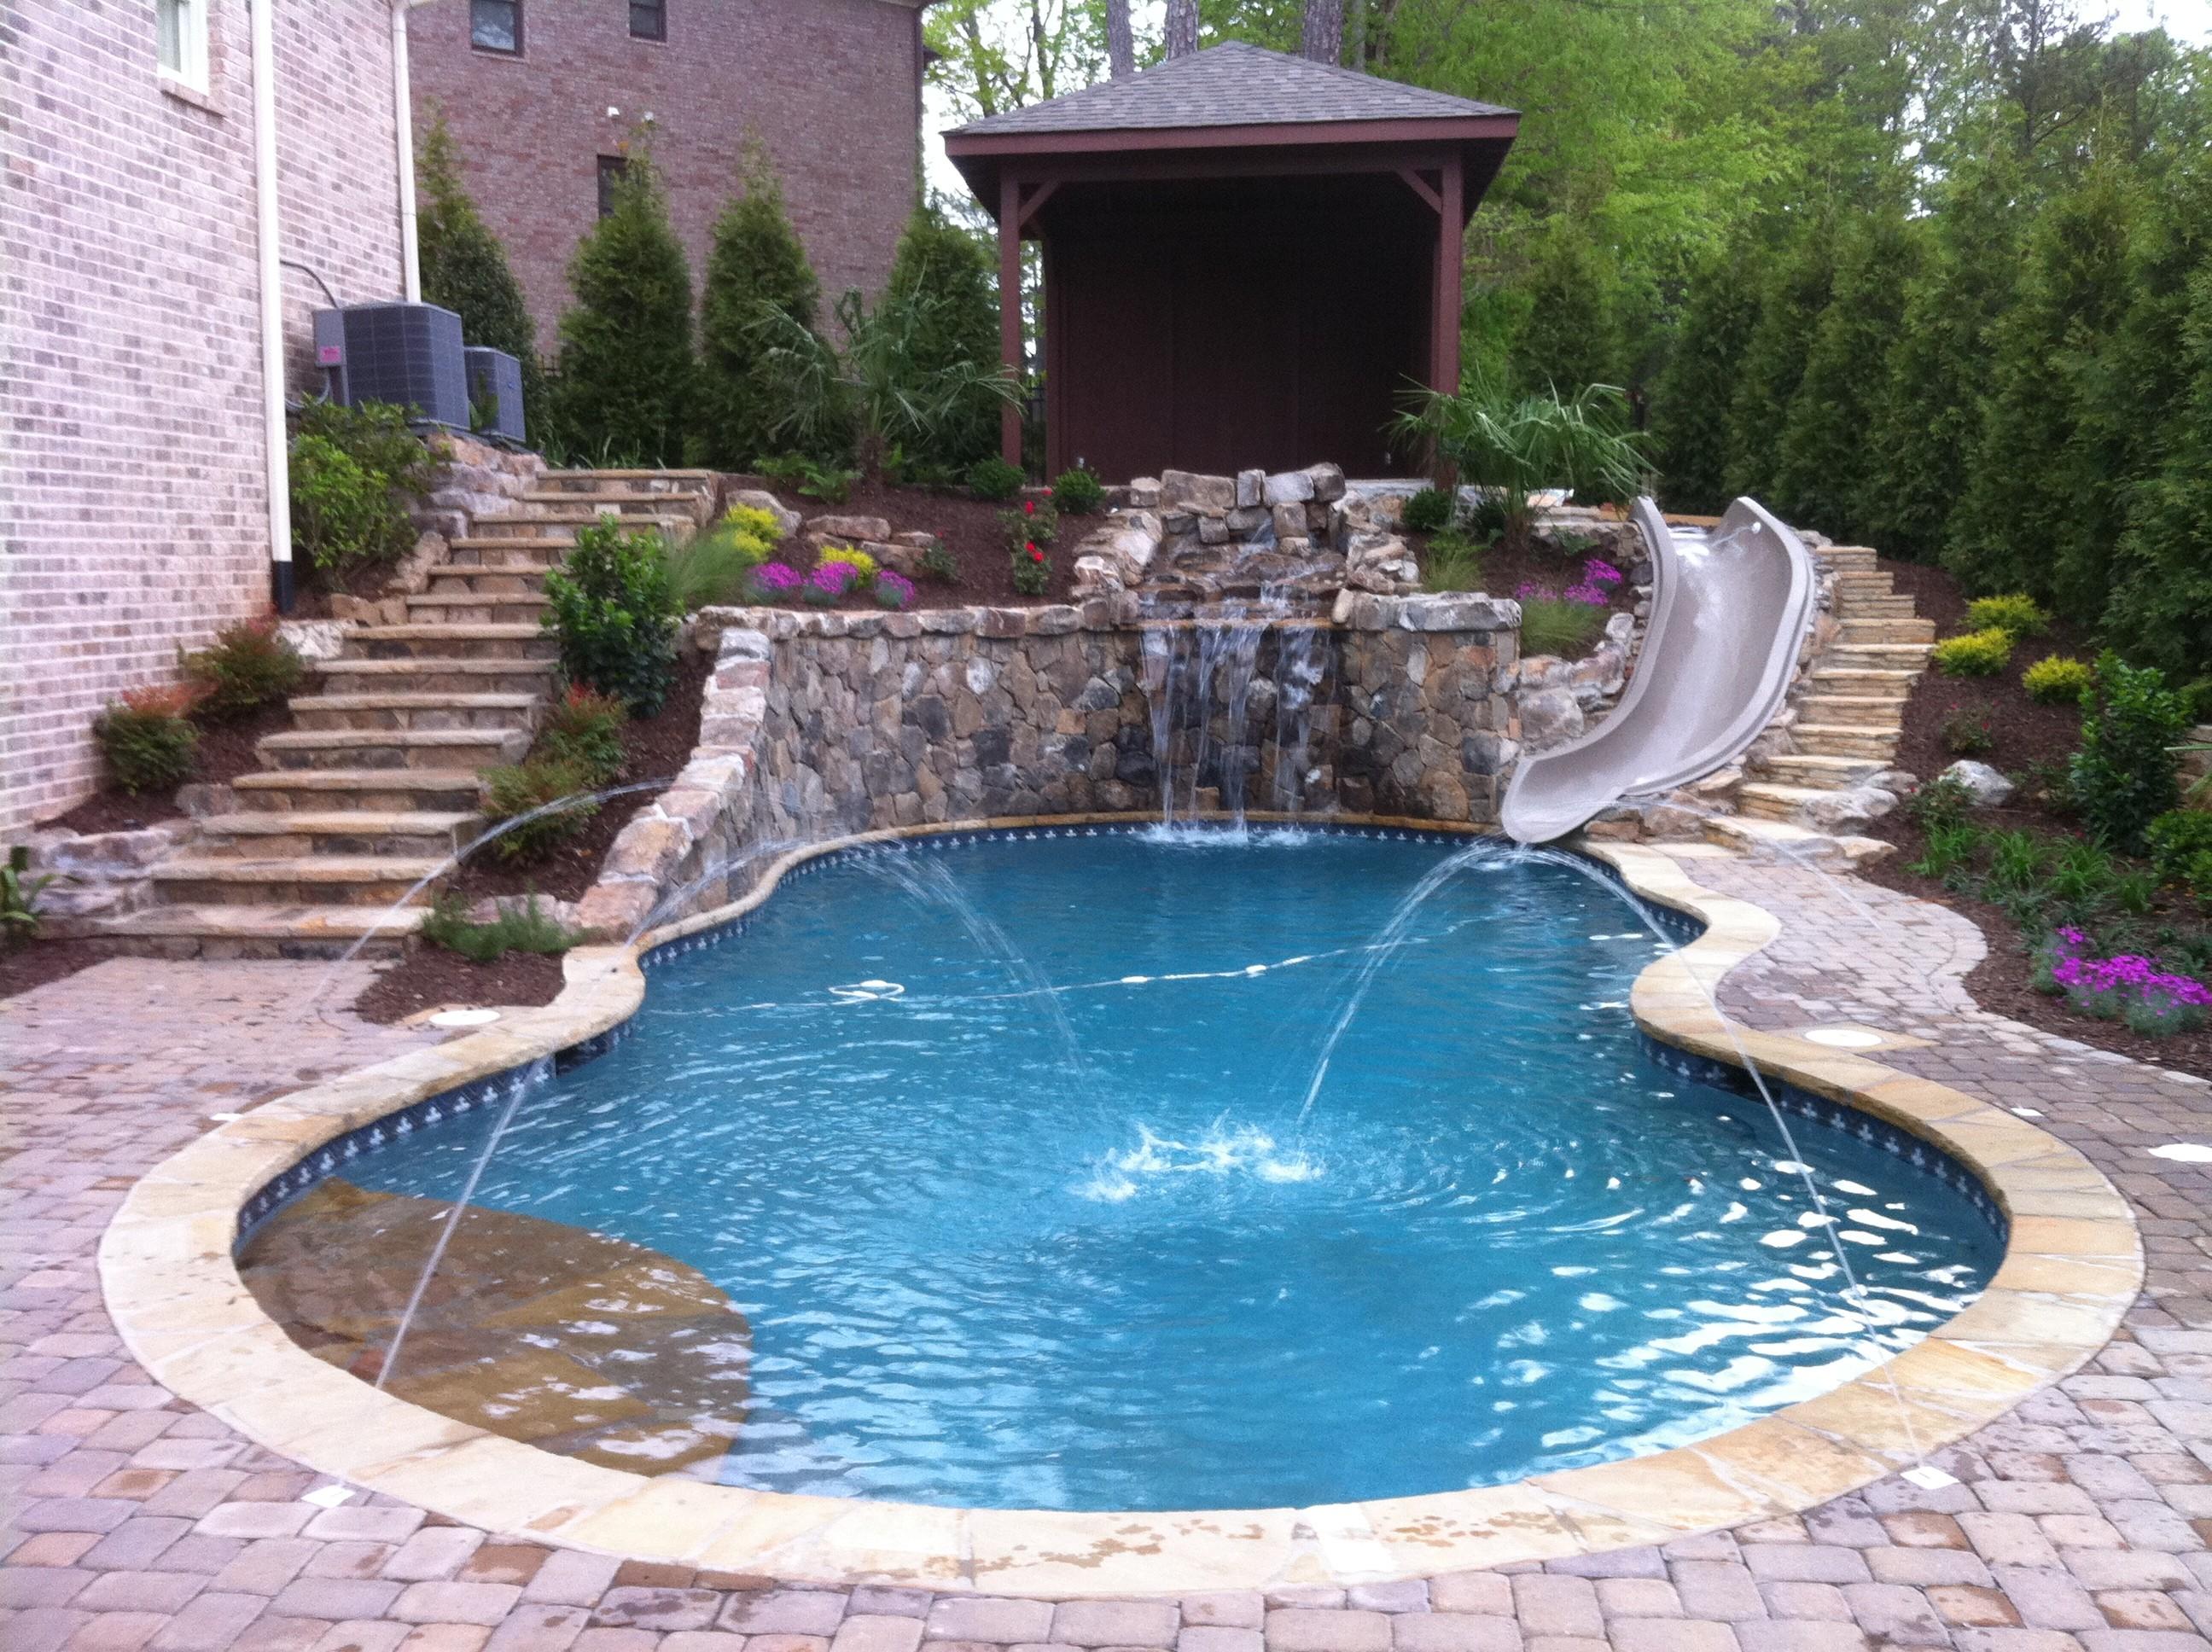 Aqua Design Pools And Spas | Shapeyourminds.com